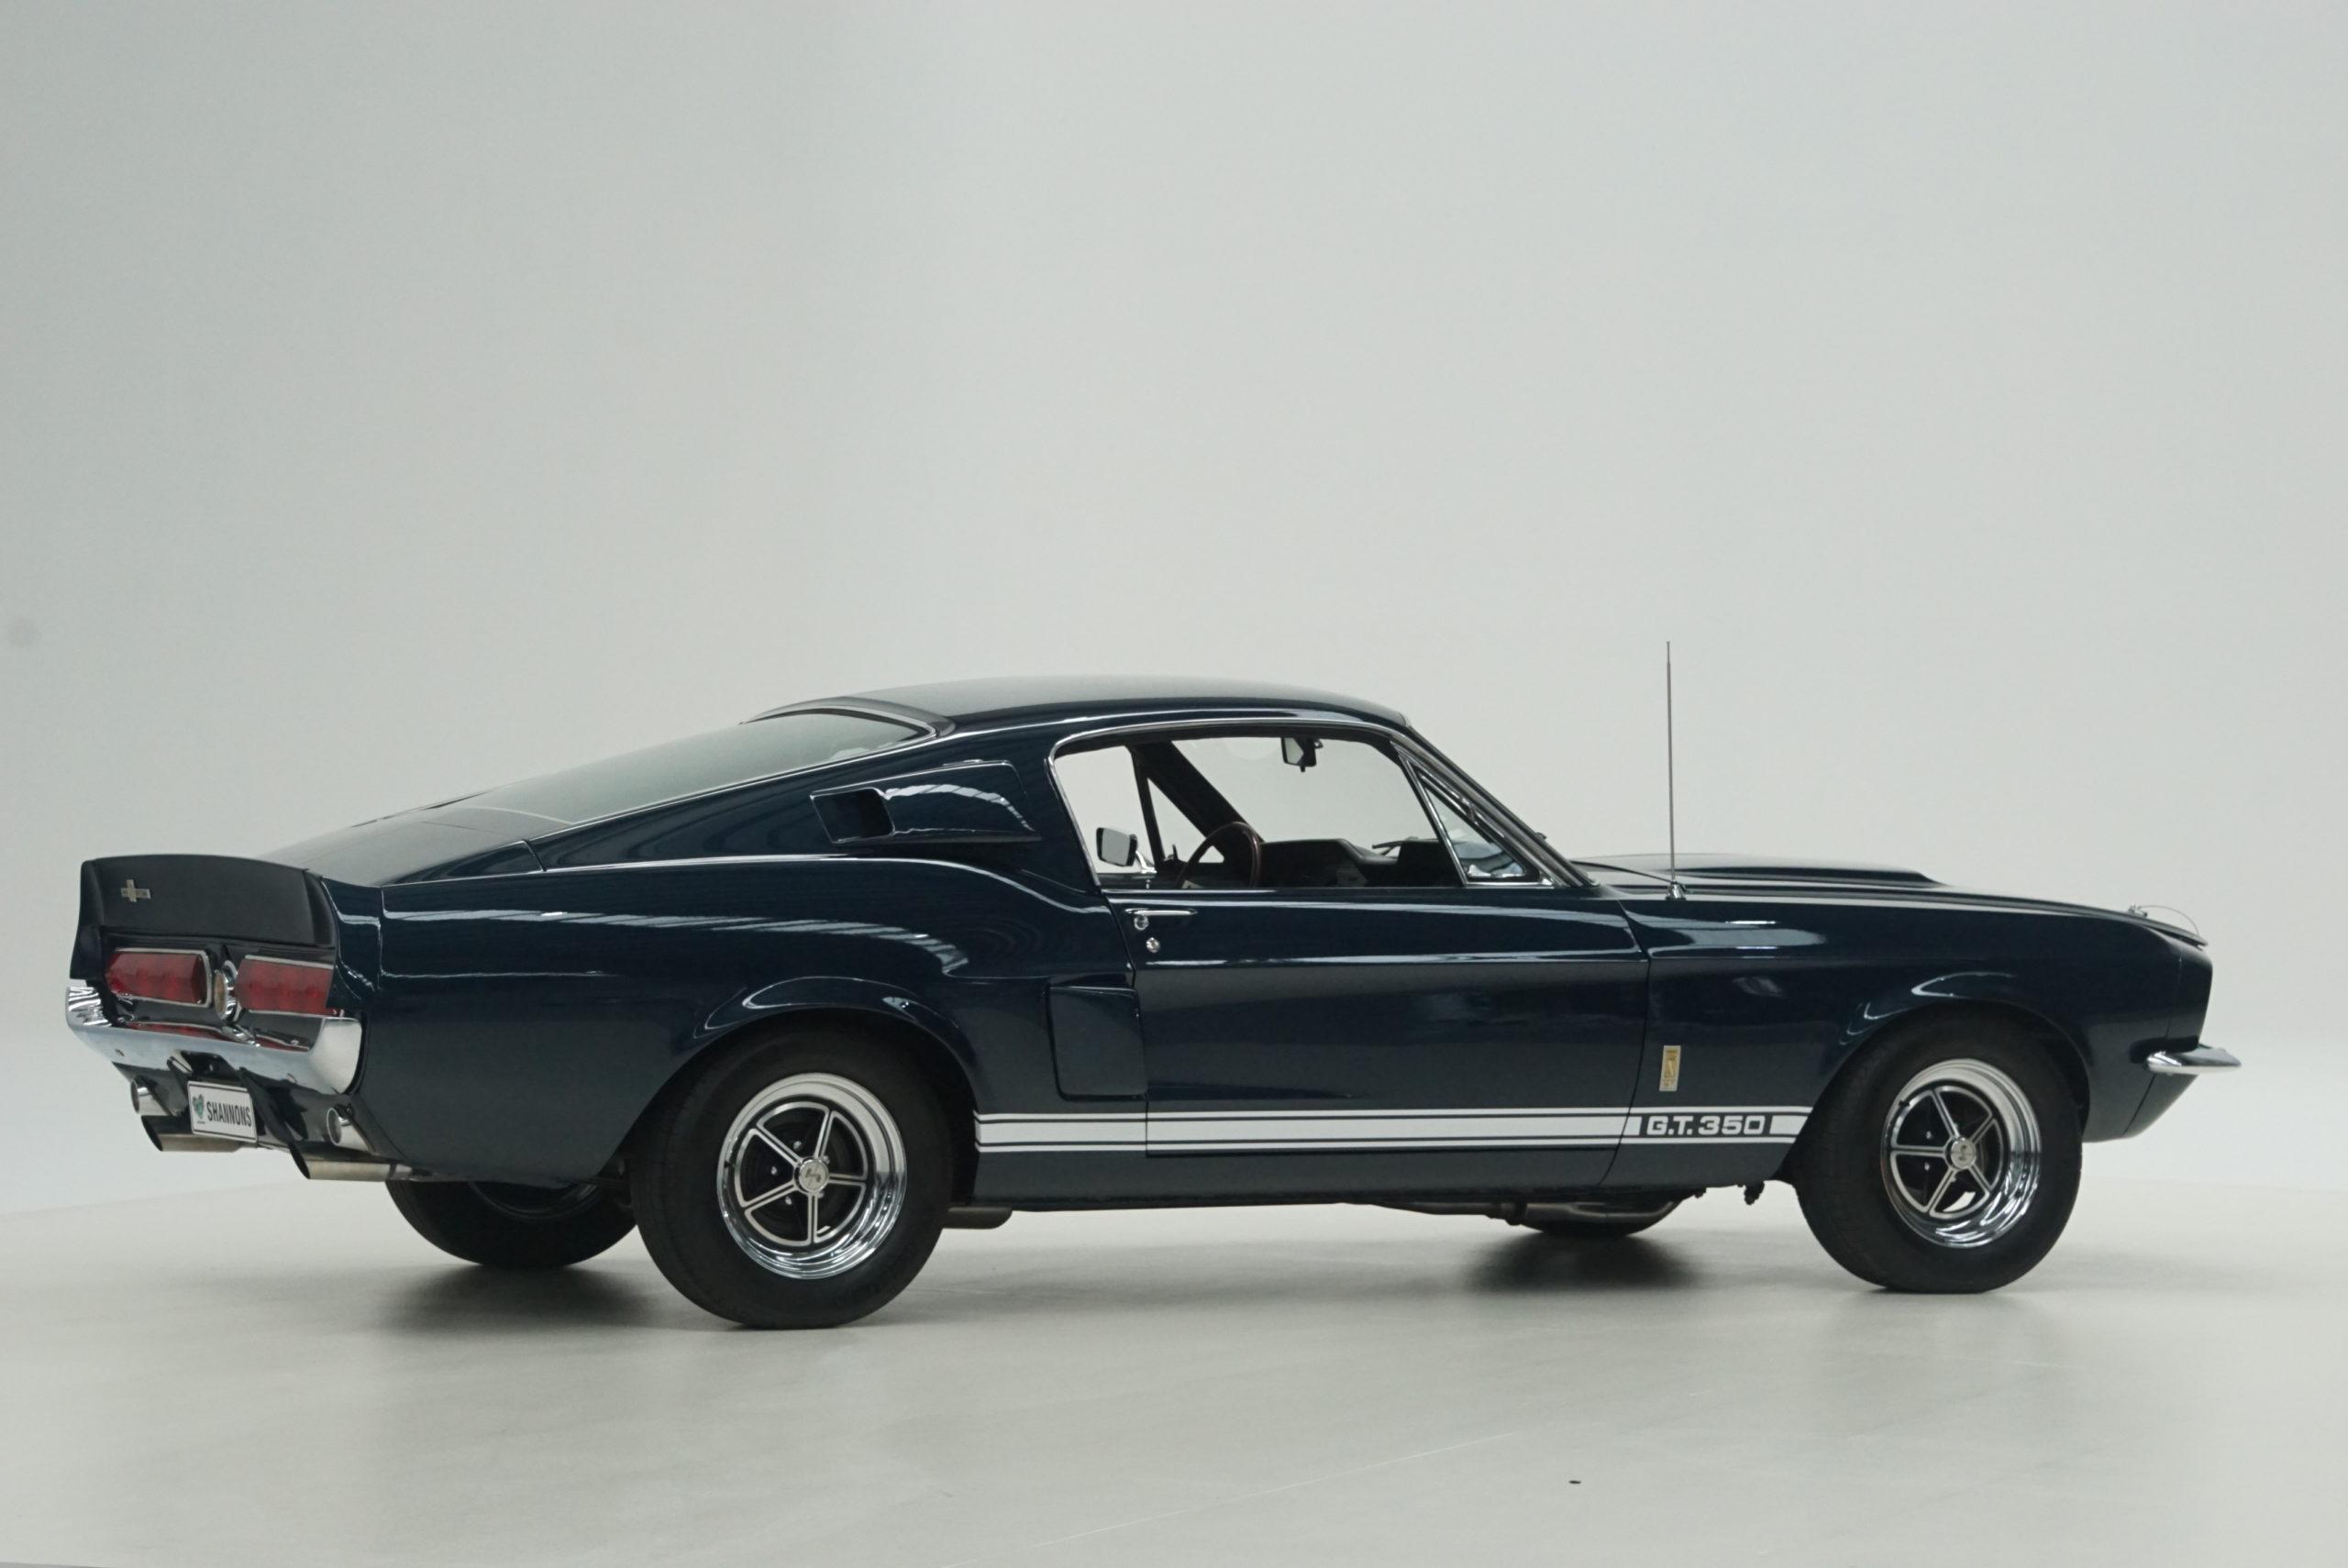 1967 Shelby Mustang GT350 Fastback latéral trois quarts arrière droit - Shannons Auctions avril 2021.